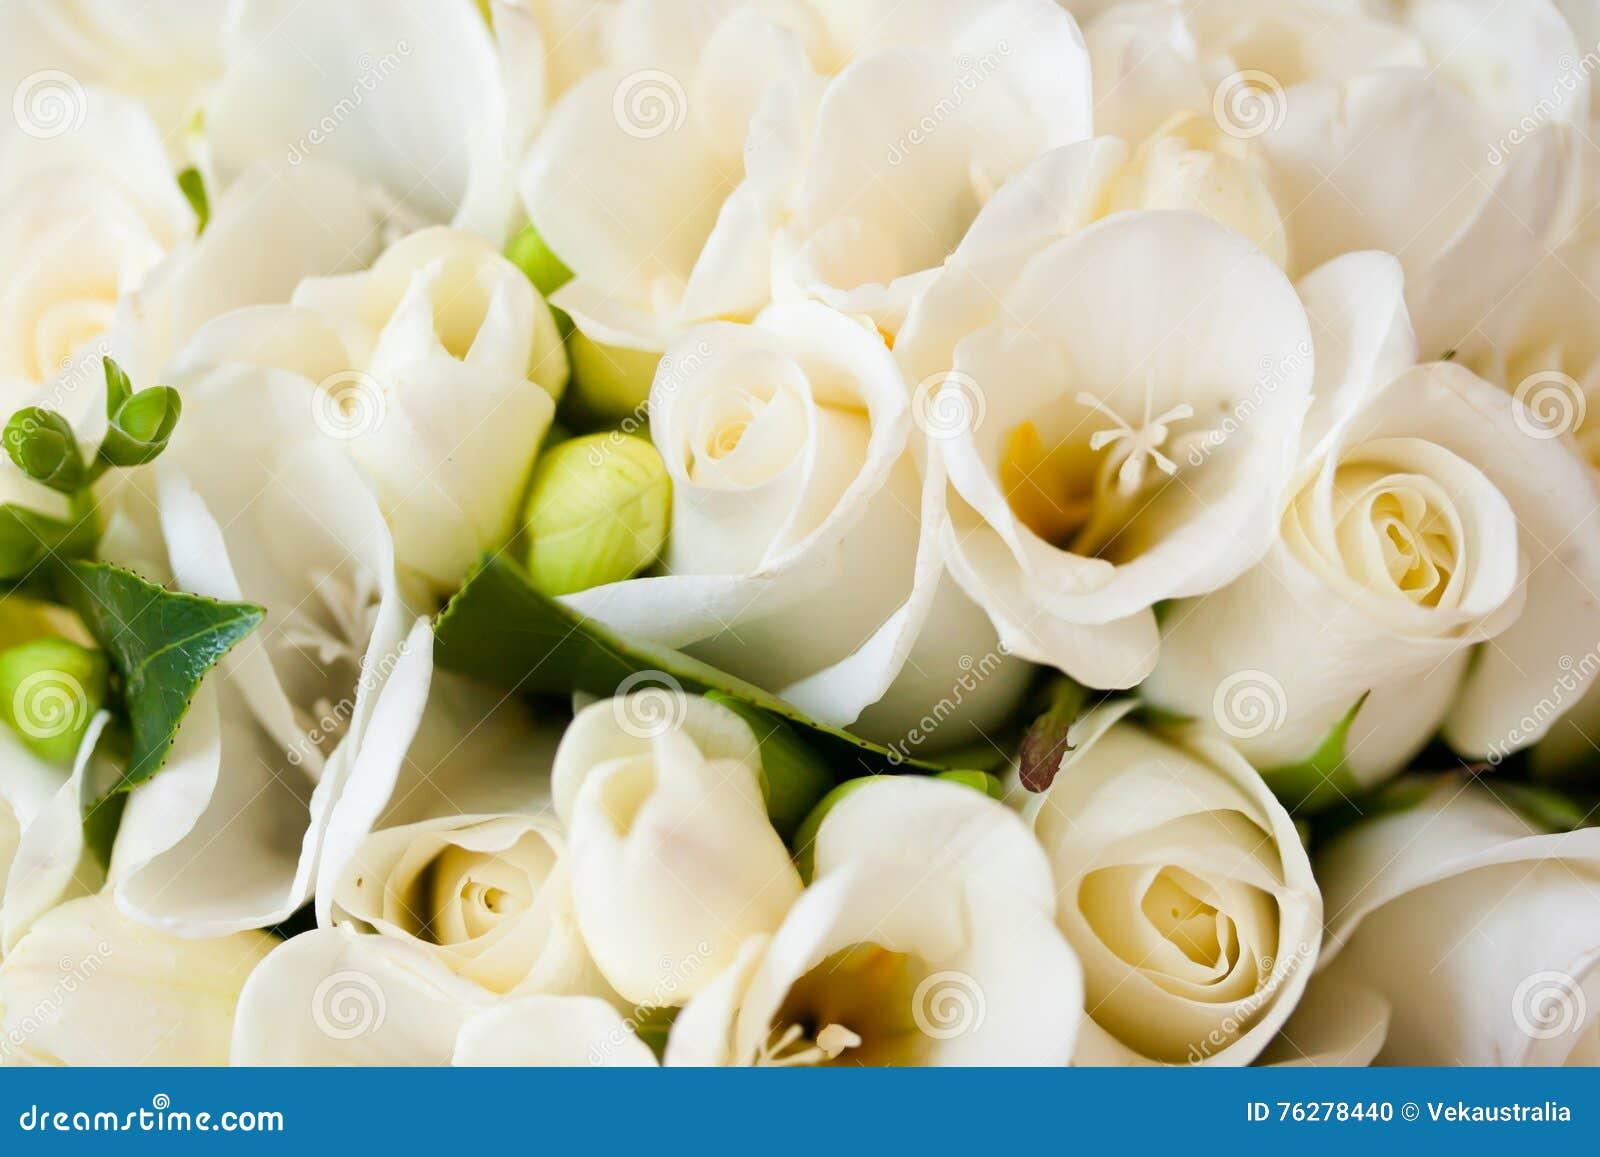 Witte Rose Bridal Flower Wedding Bouquet